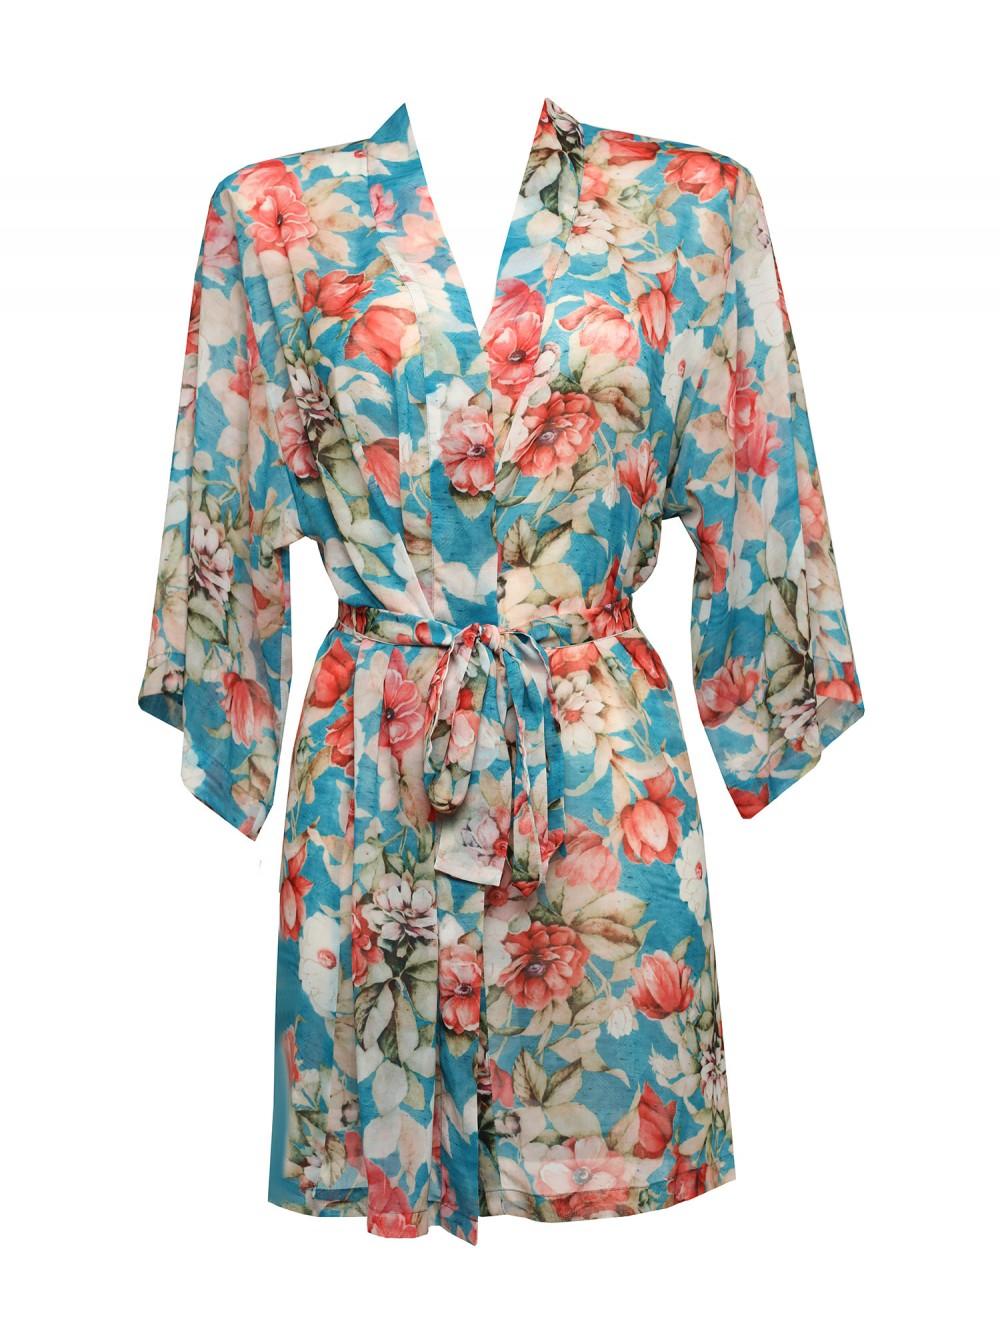 VENISE kimono